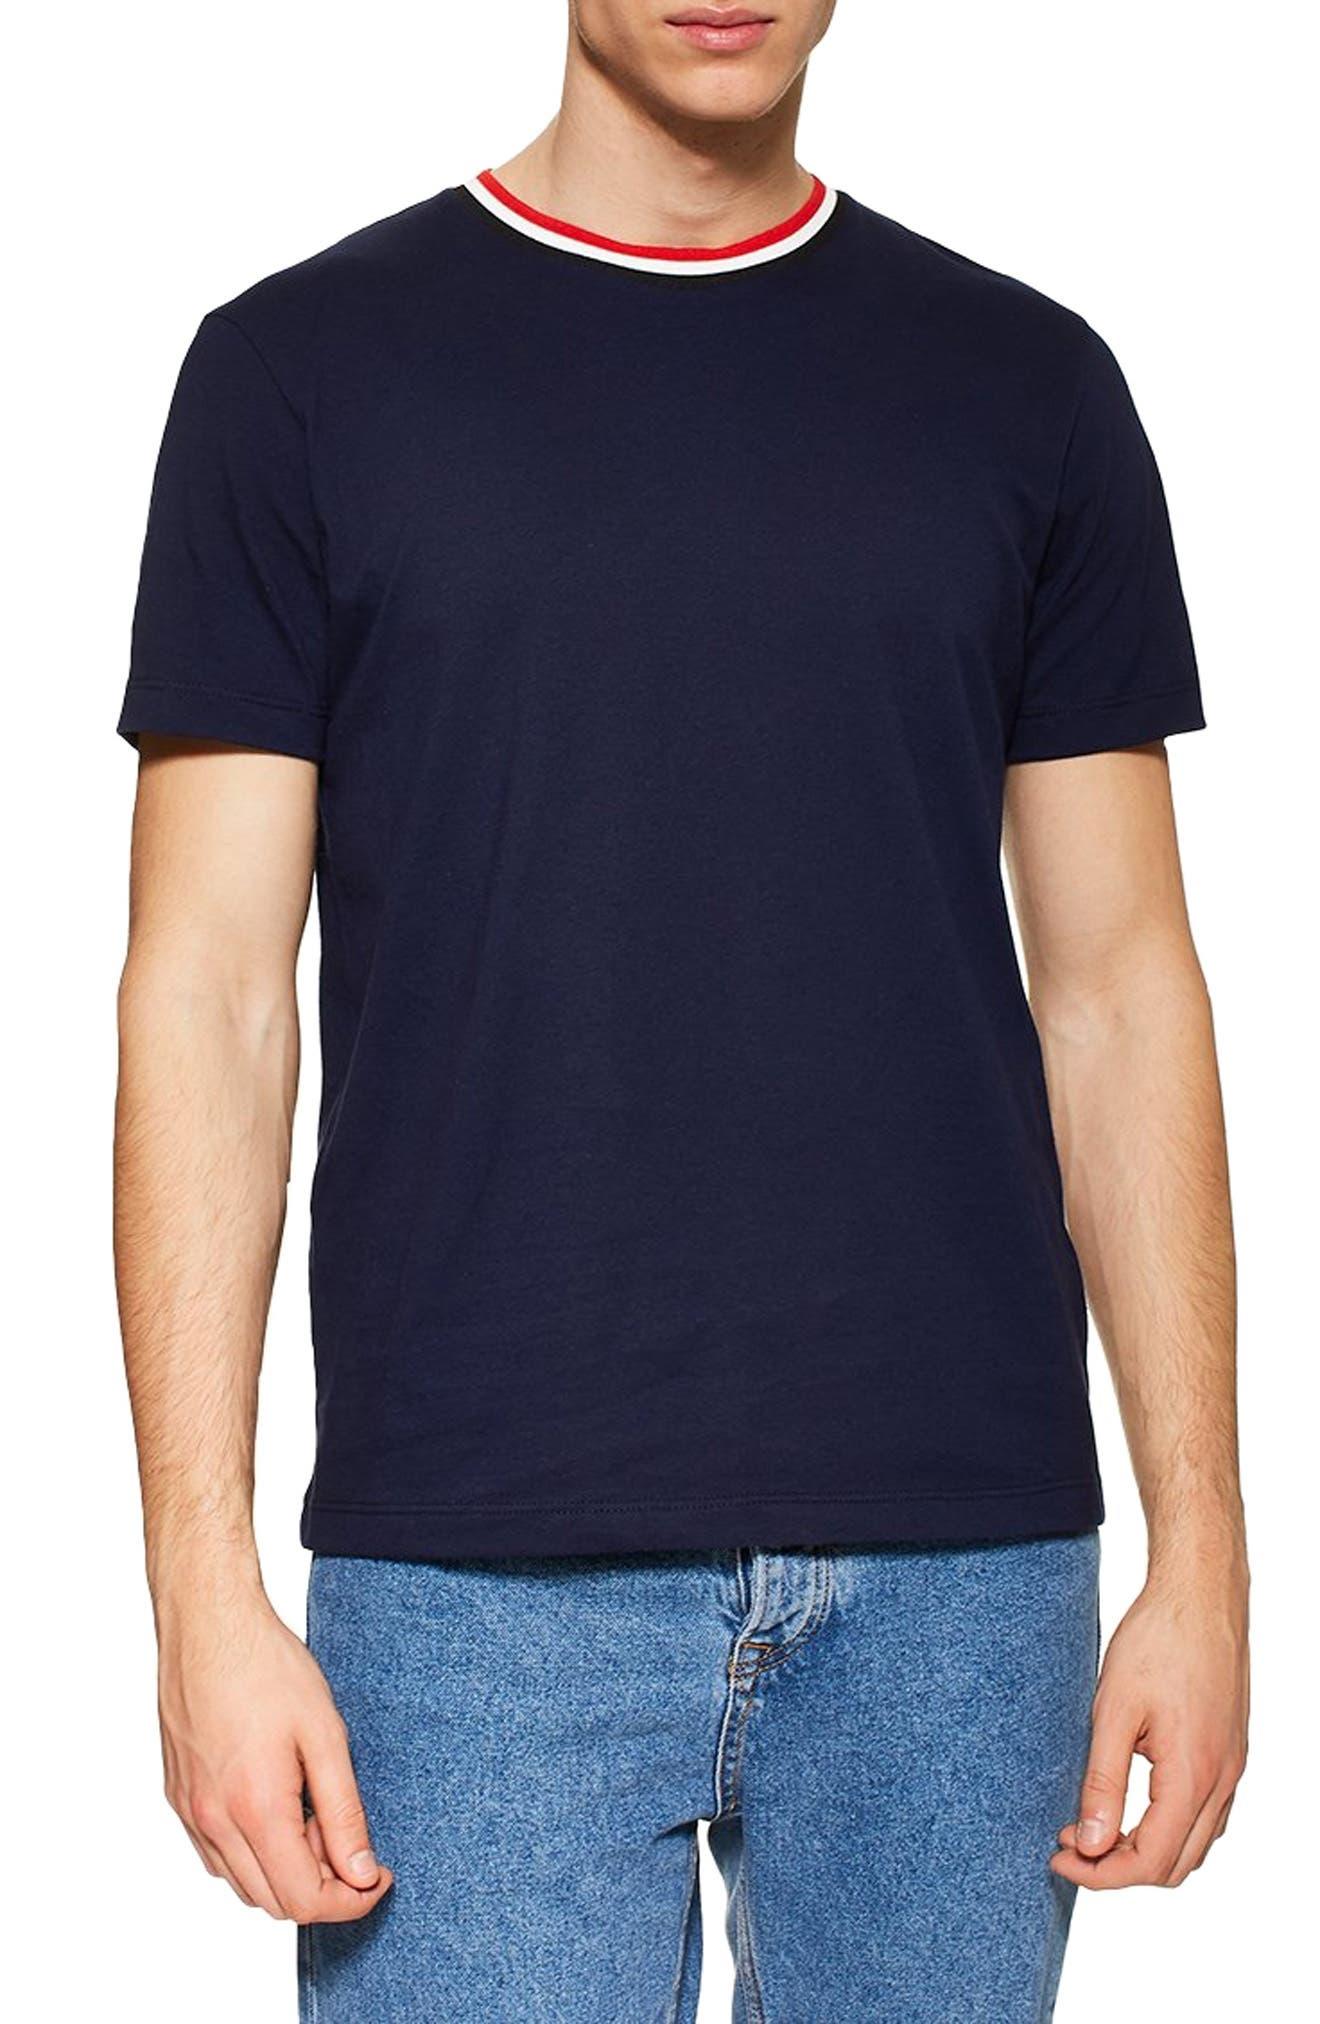 1960s -1970s Men's Clothing Mens Topman Ringer T-Shirt Size Large - Blue $20.00 AT vintagedancer.com